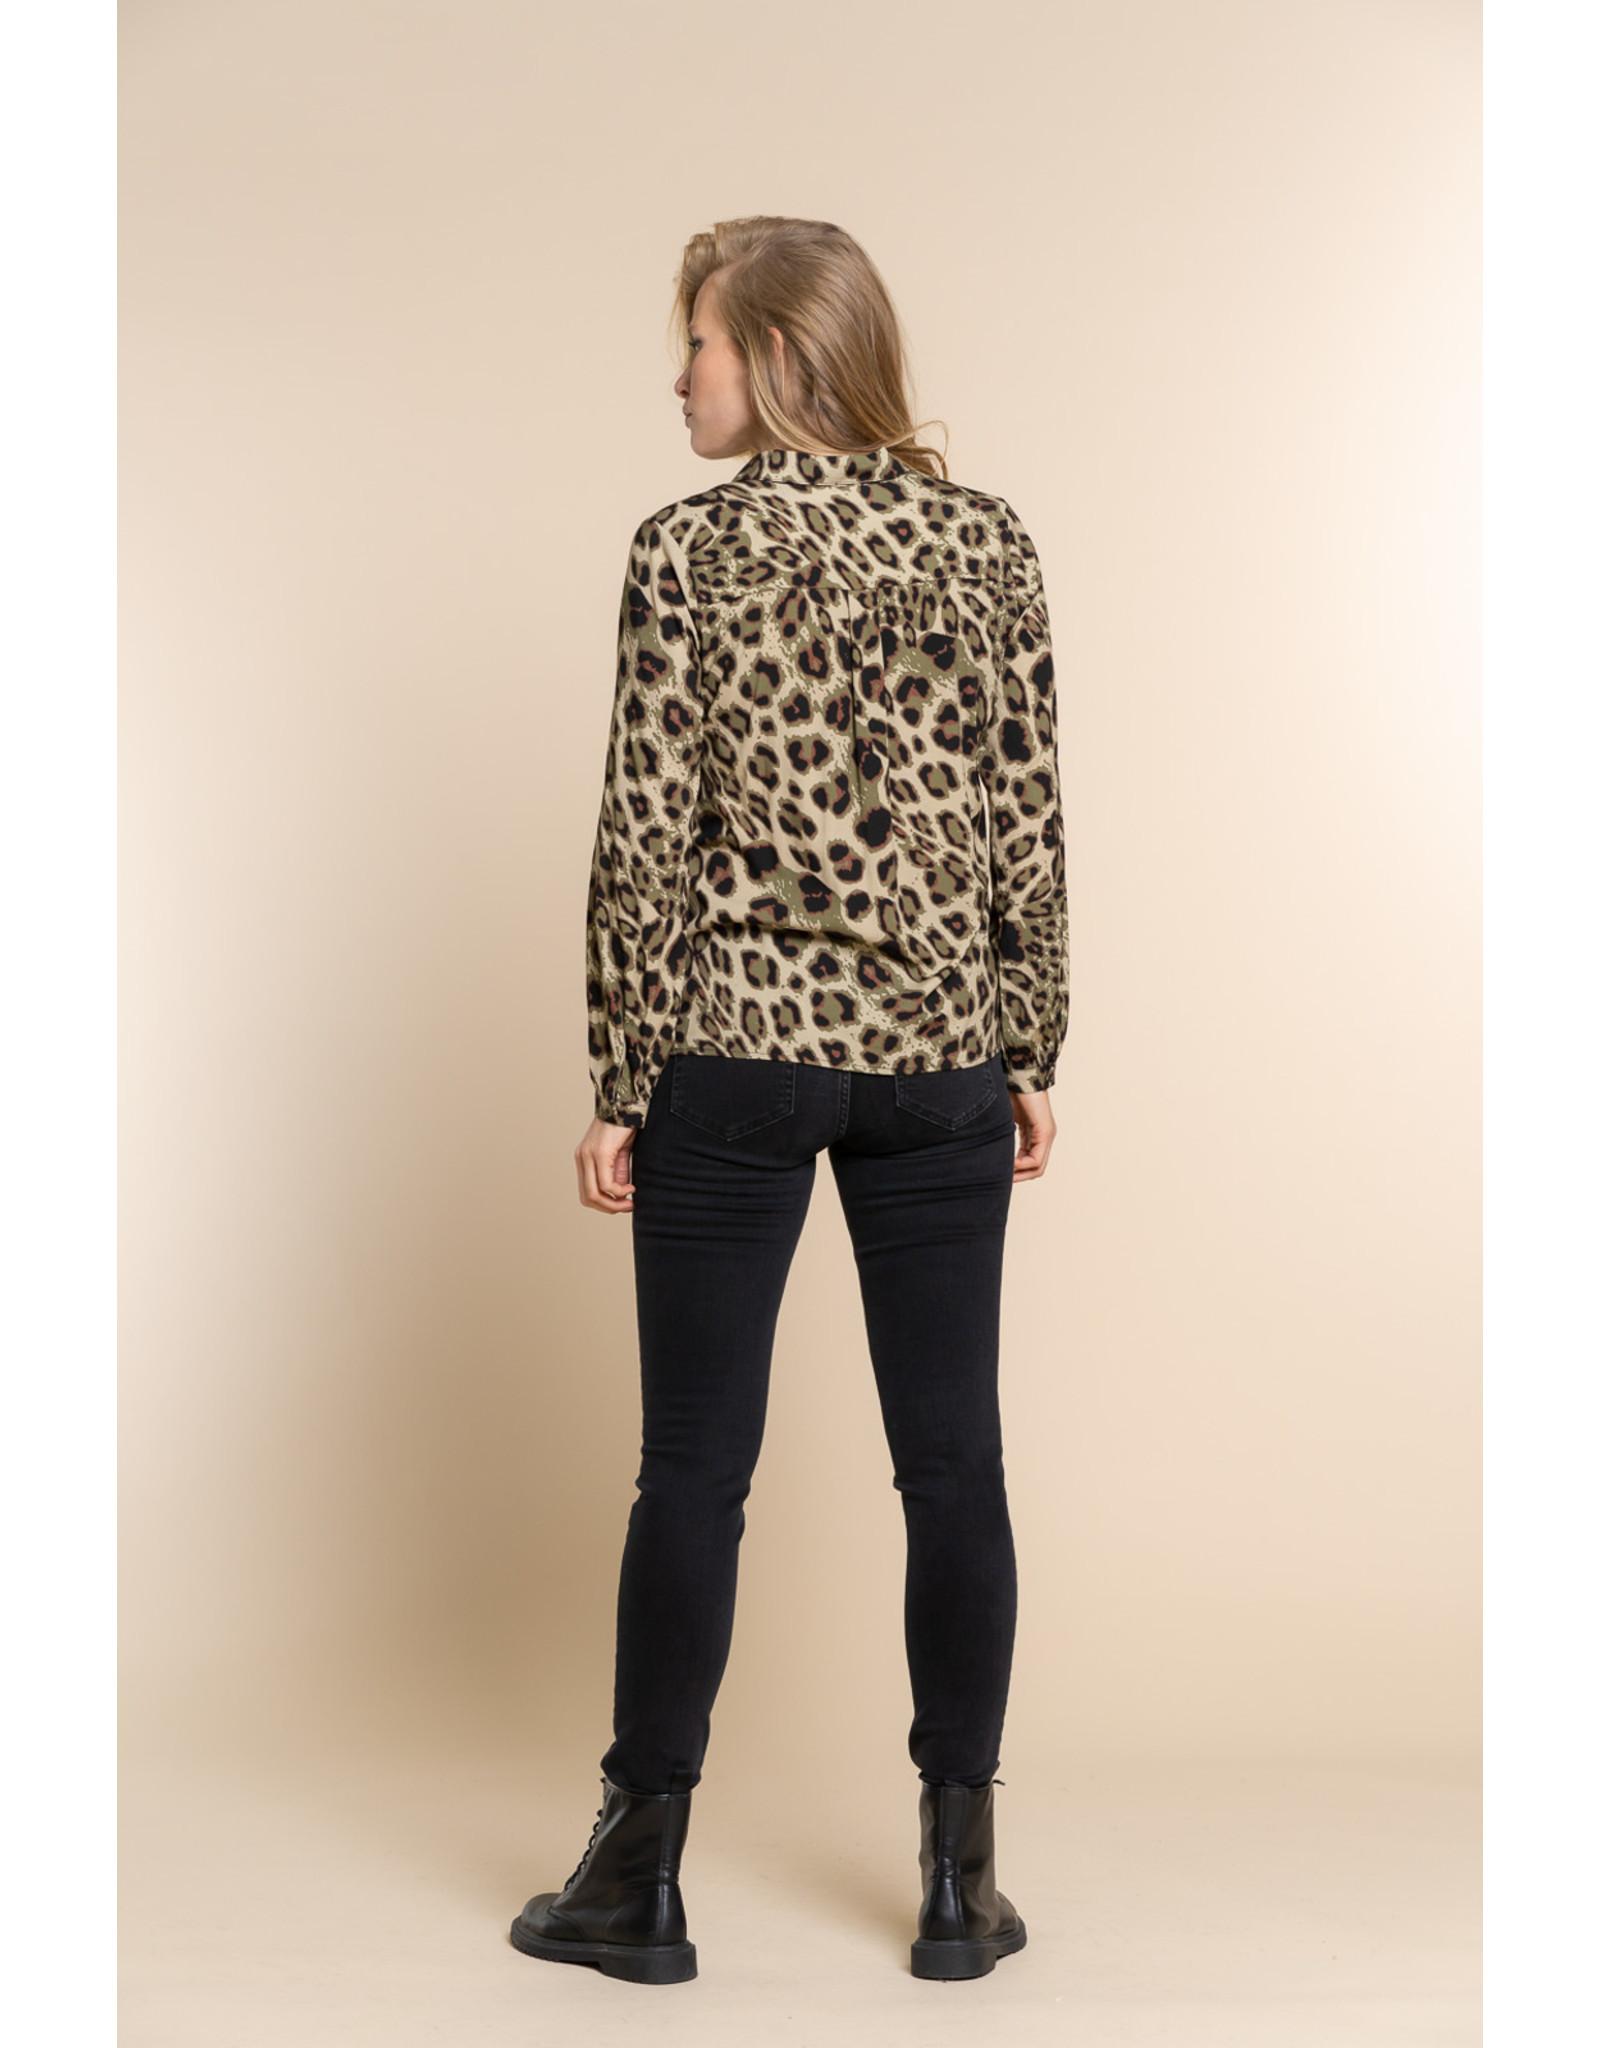 Geisha Blouse leopard print